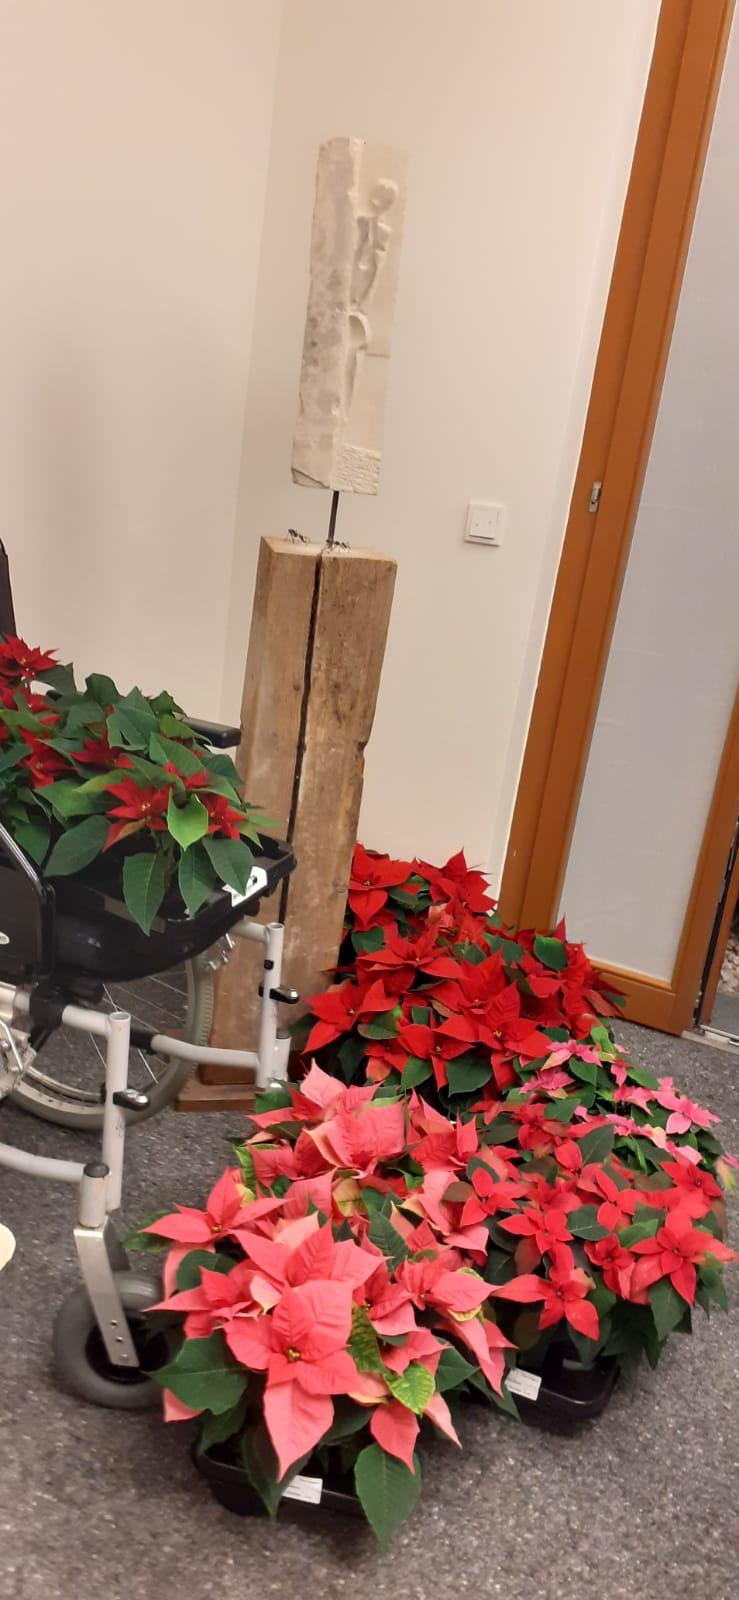 Weihnachtsstern-Spende